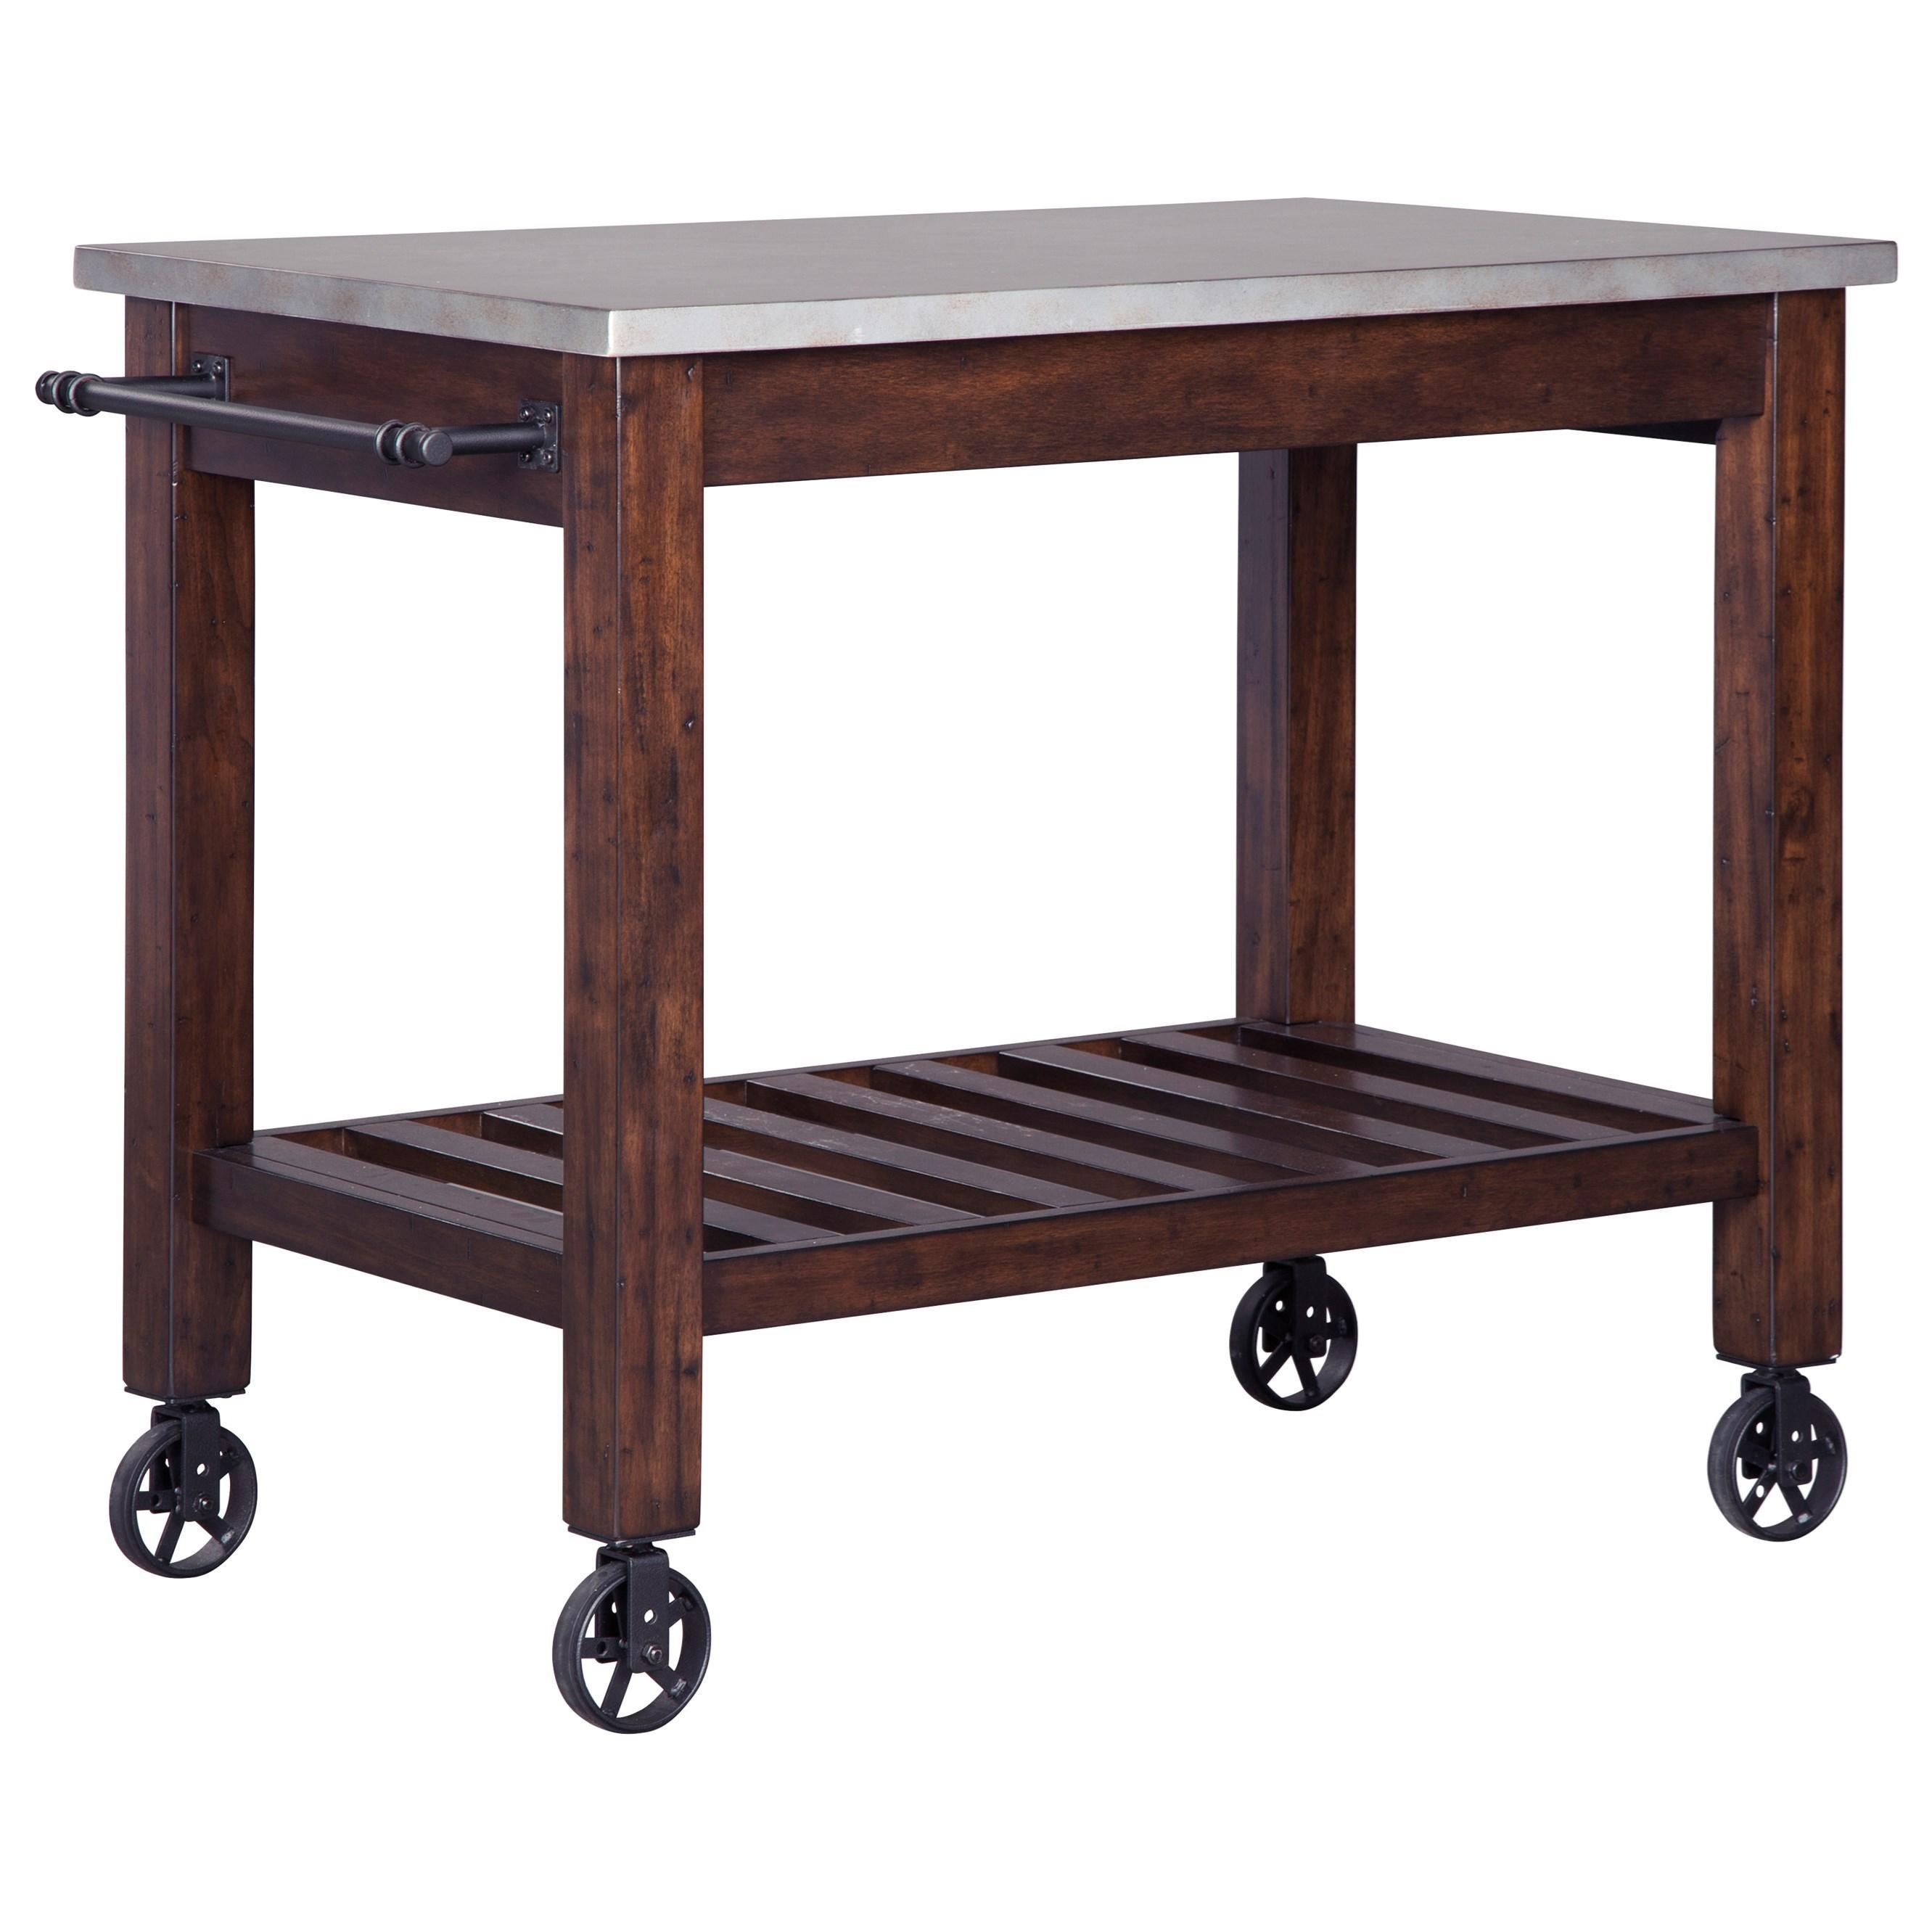 Signature Design by Ashley Larchmont Kitchen Cart - Item Number: D442-66